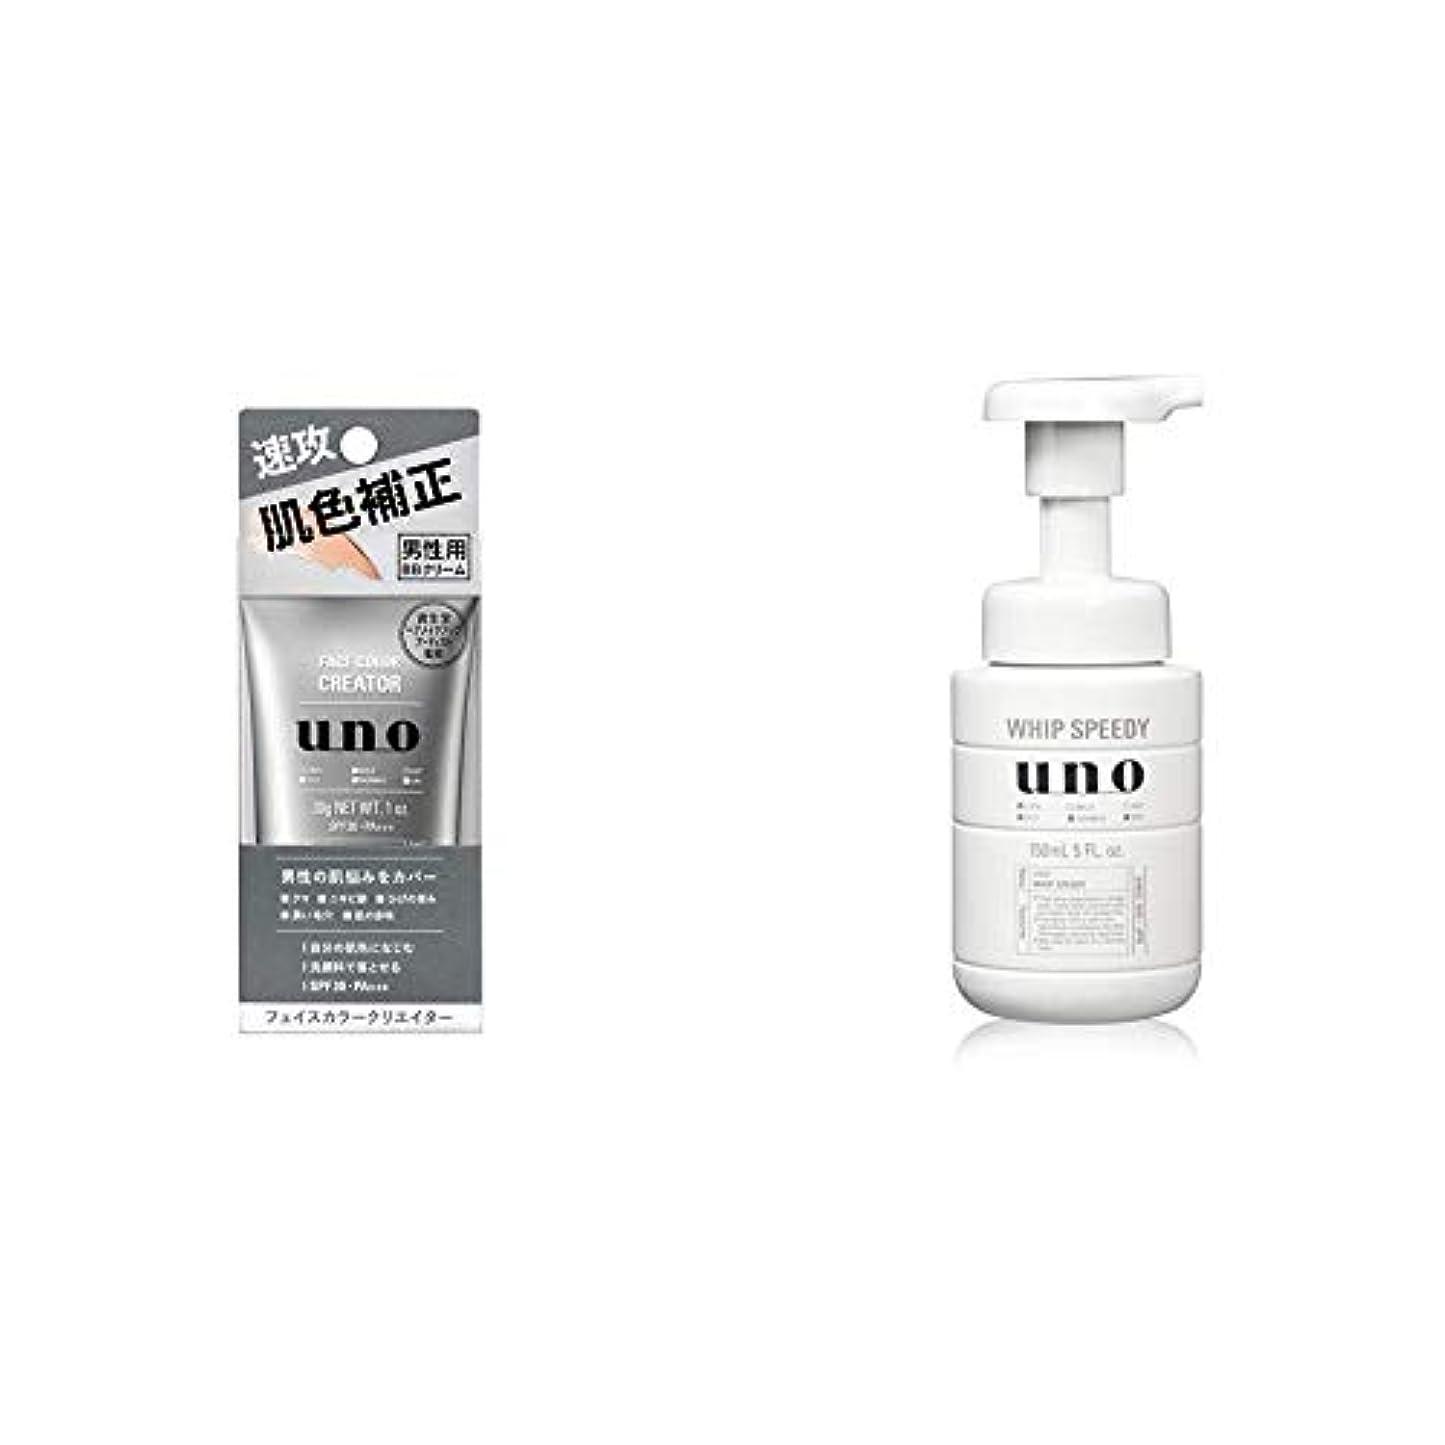 いくつかの講堂恨みUNO(ウーノ)フェイスカラークリエイター BBクリーム メンズ SPF30 PA+++ 30g & ウーノ ホイップスピーディー 洗顔料 150ml